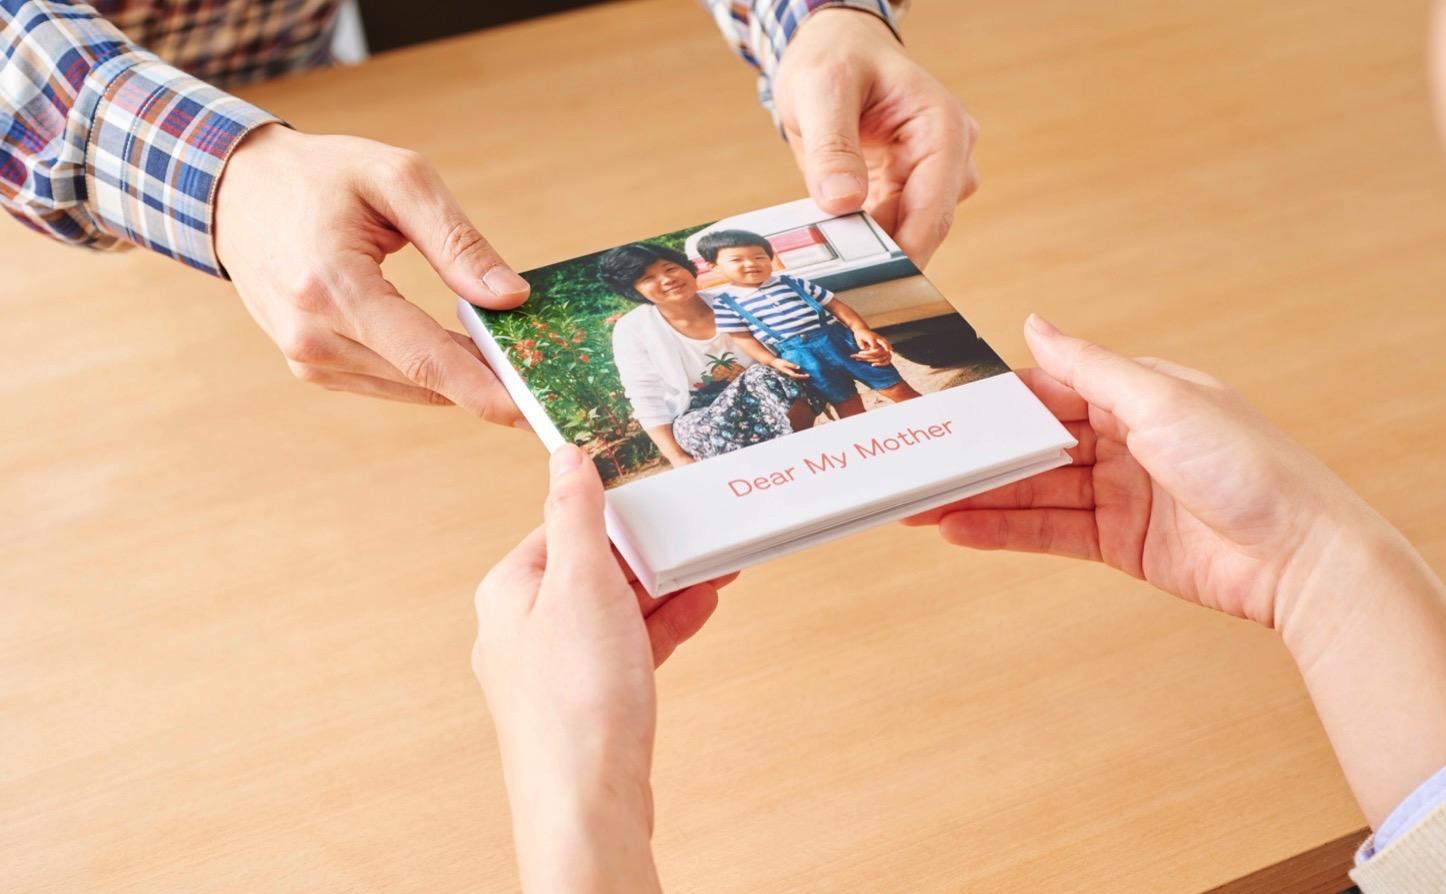 Omoidori-PFU-Scanner-for-iPhone-05.jpg